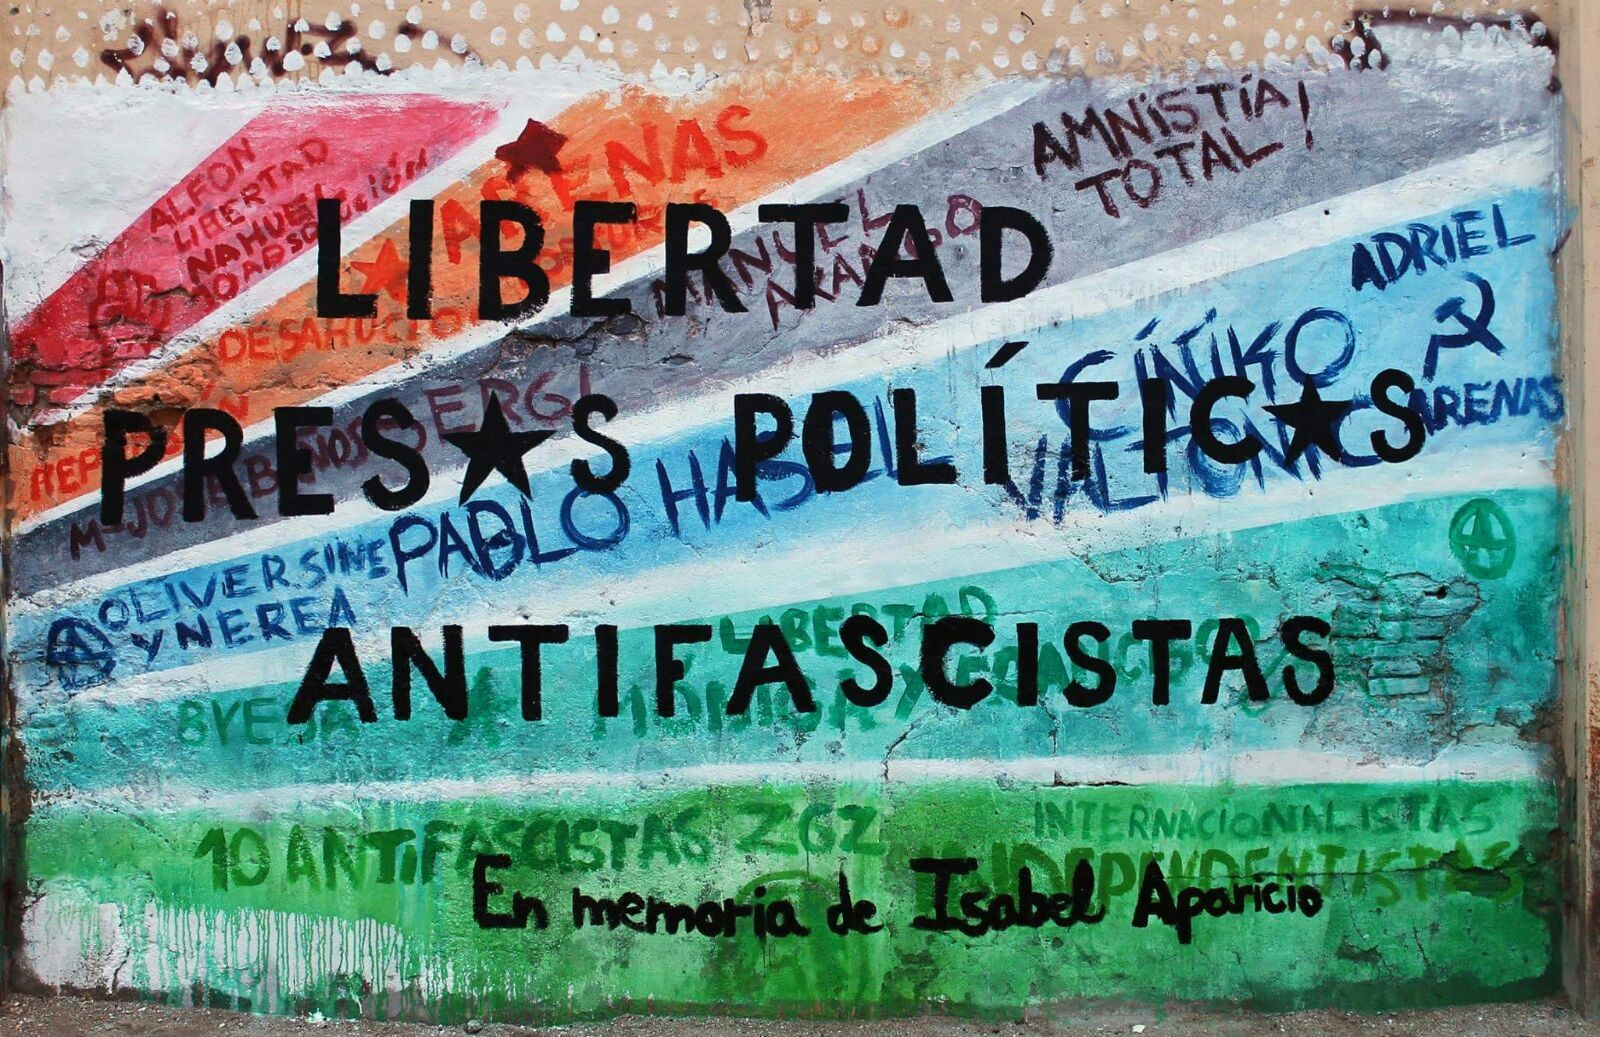 COMIENZA NOVIEMBRE ANTIFASCISTA 2016 EN ZARAGOZA. LIBERTAS PRESOS POLÍTICOS ANTIFASCISTAS